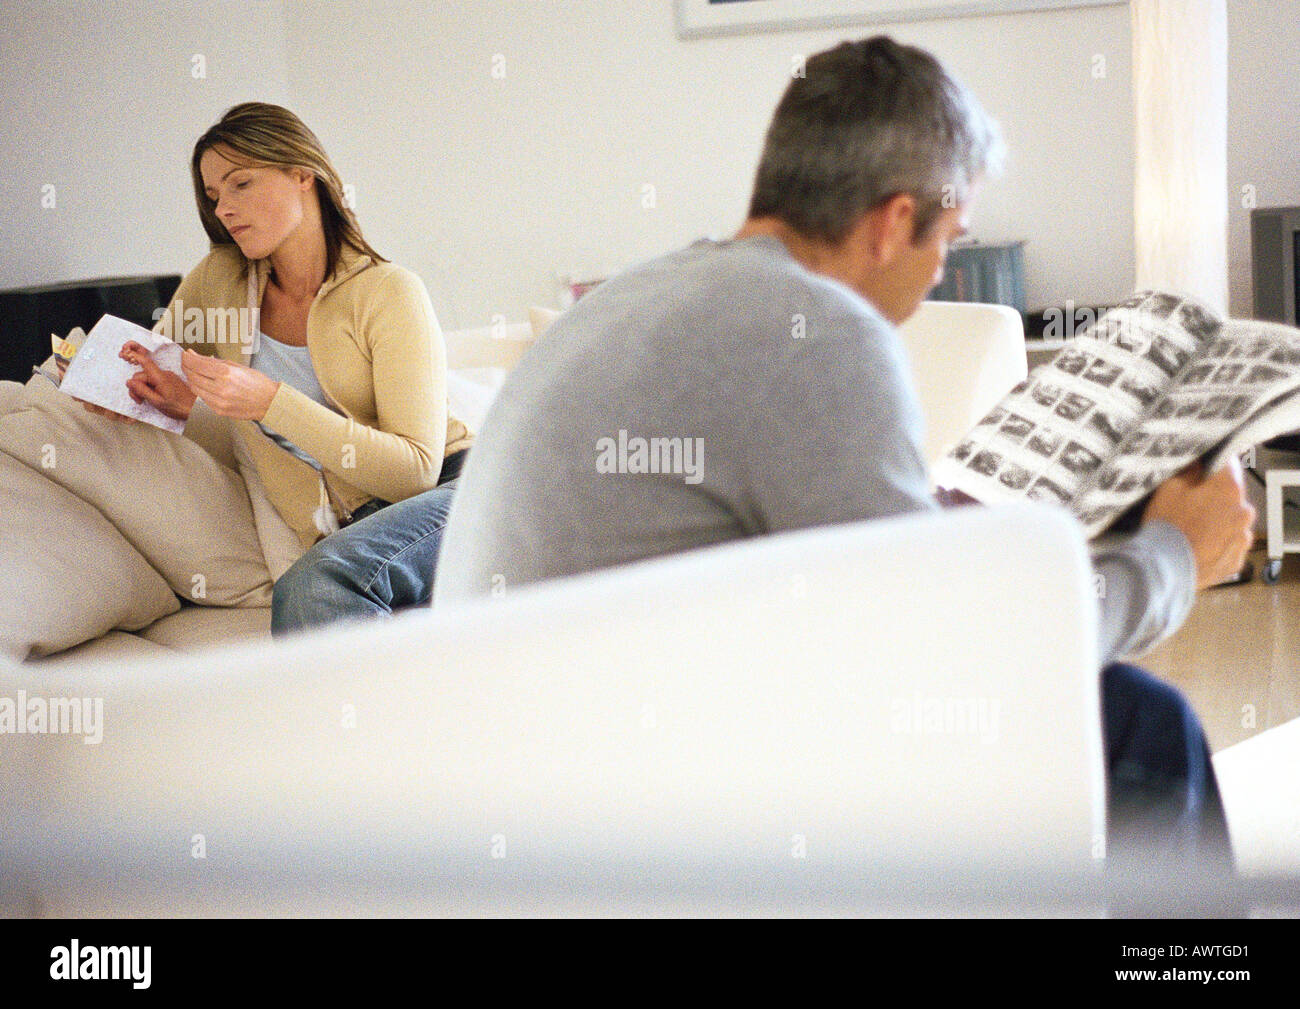 El hombre y la mujer sentada en la cama leyendo Foto de stock